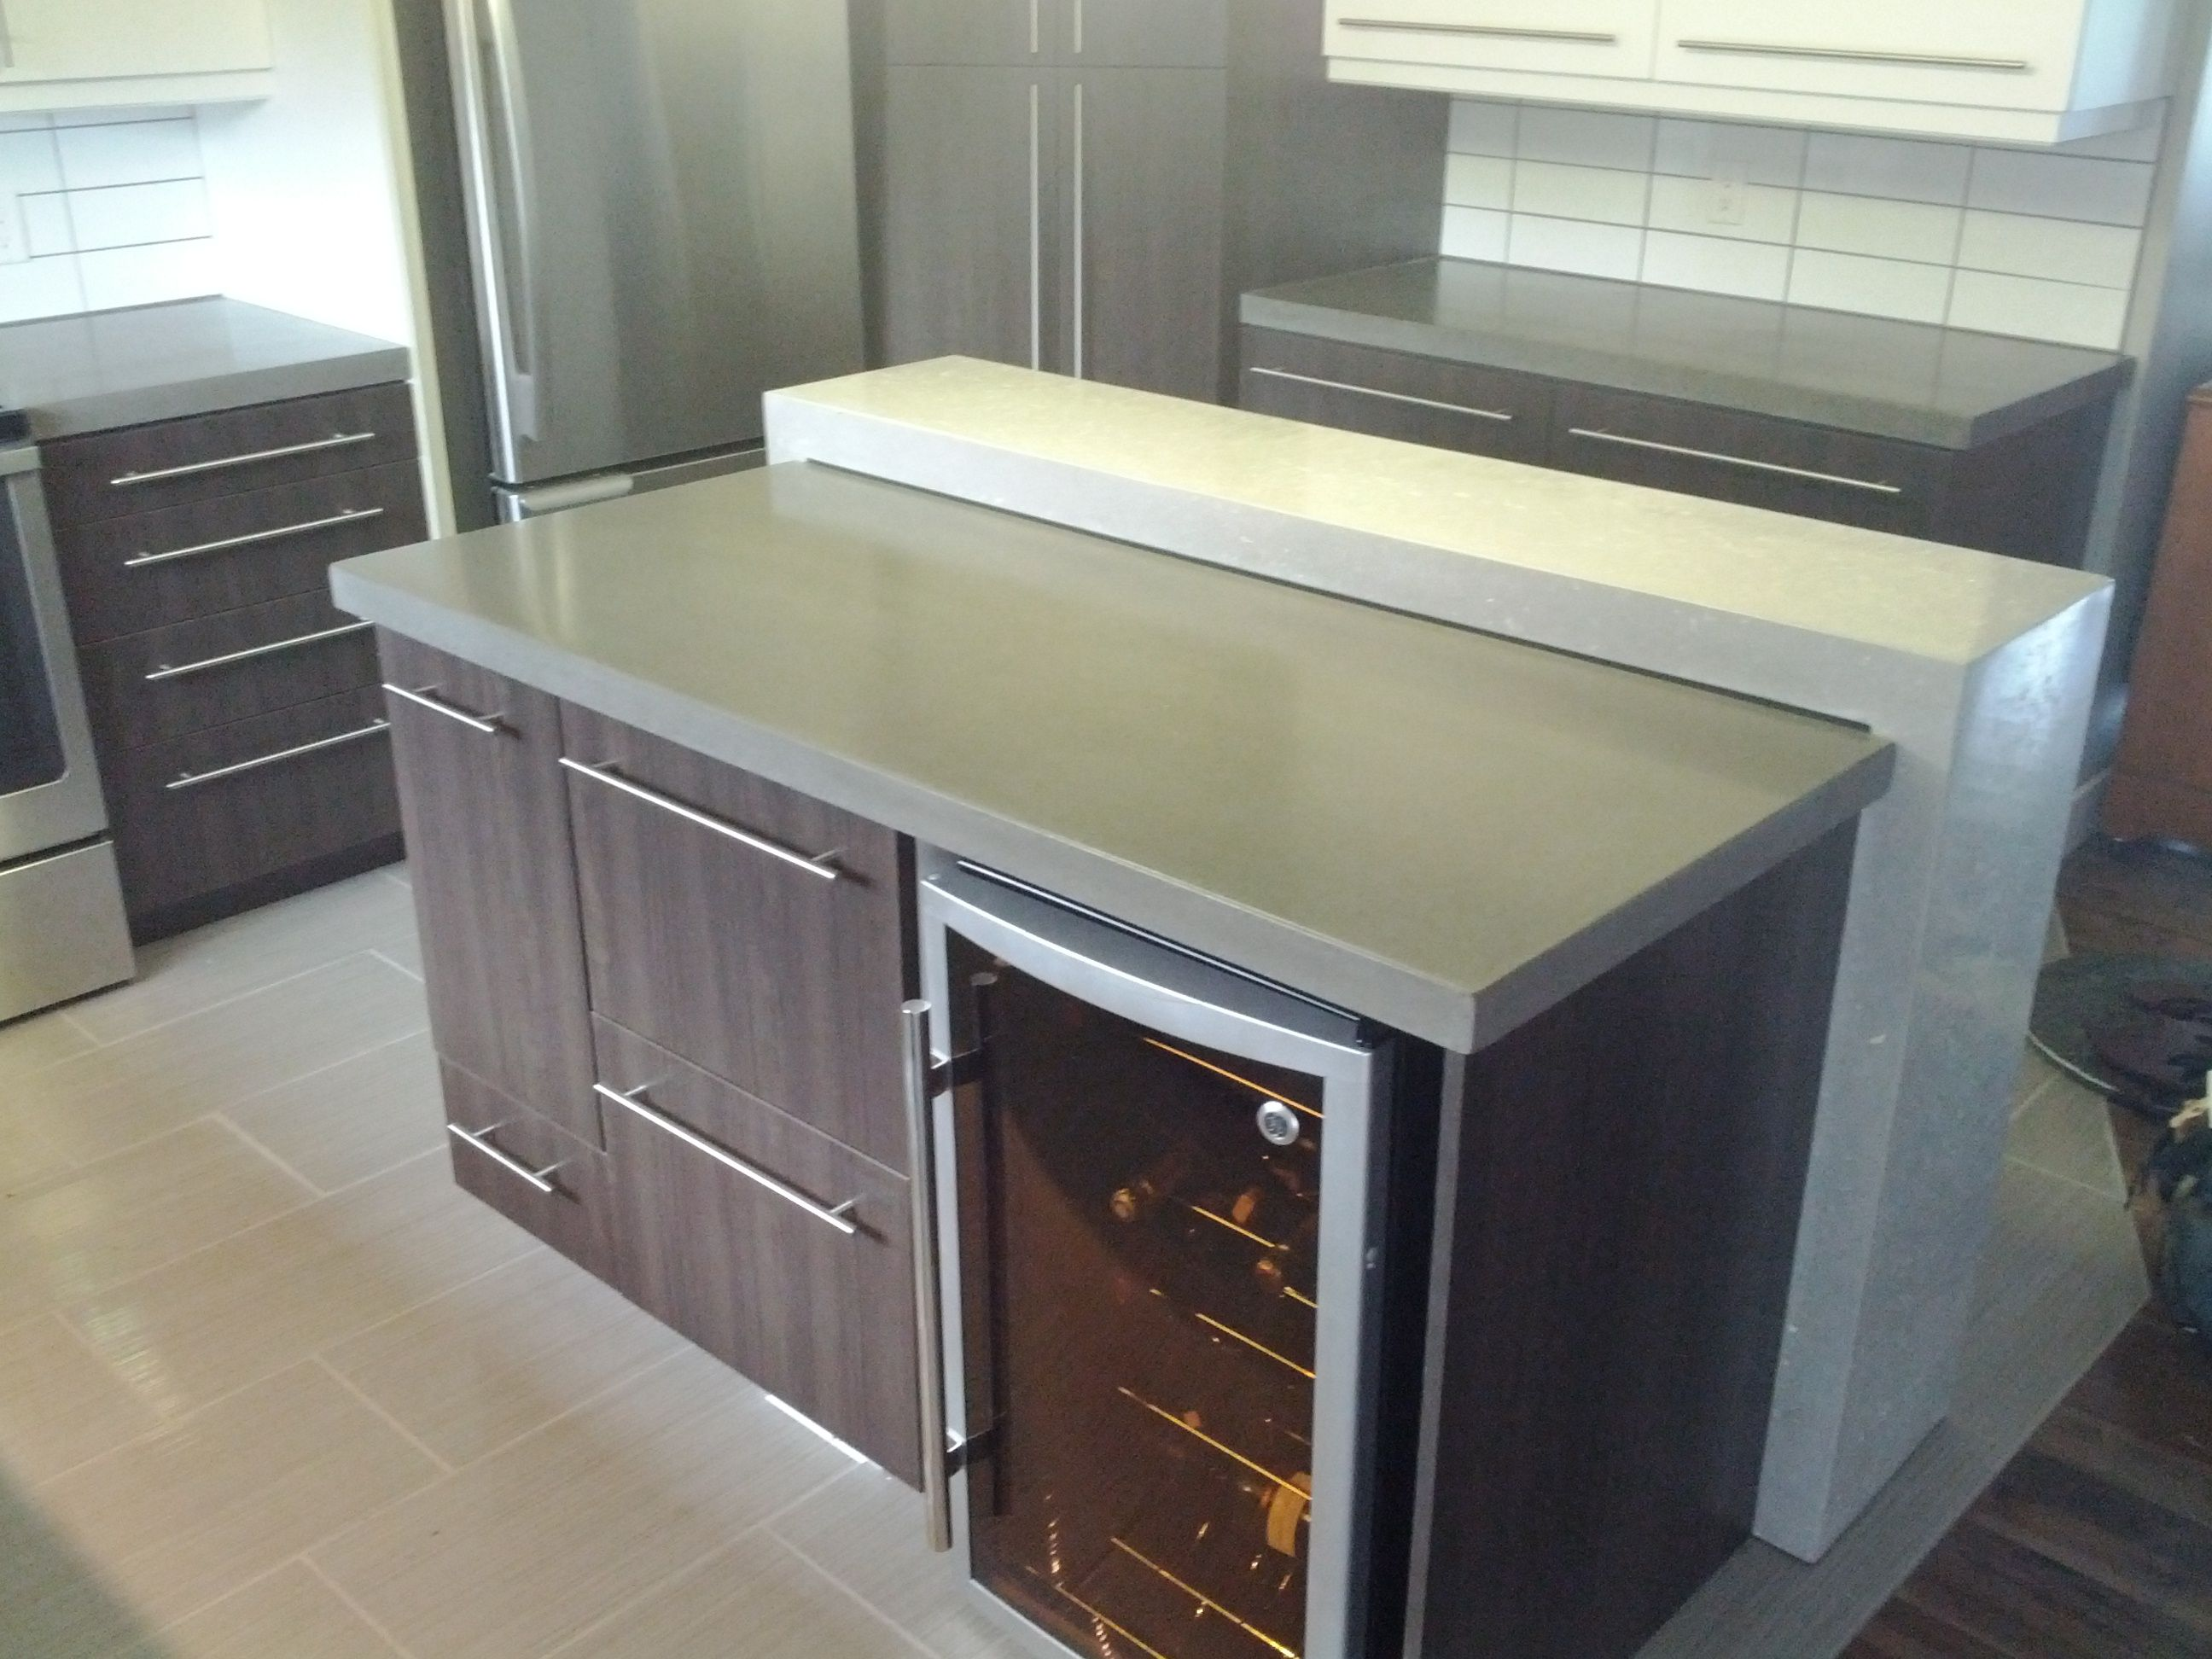 comptoir de cuisine comptoir lunch couleurs grey cloud greige sans agr gats expos s la. Black Bedroom Furniture Sets. Home Design Ideas